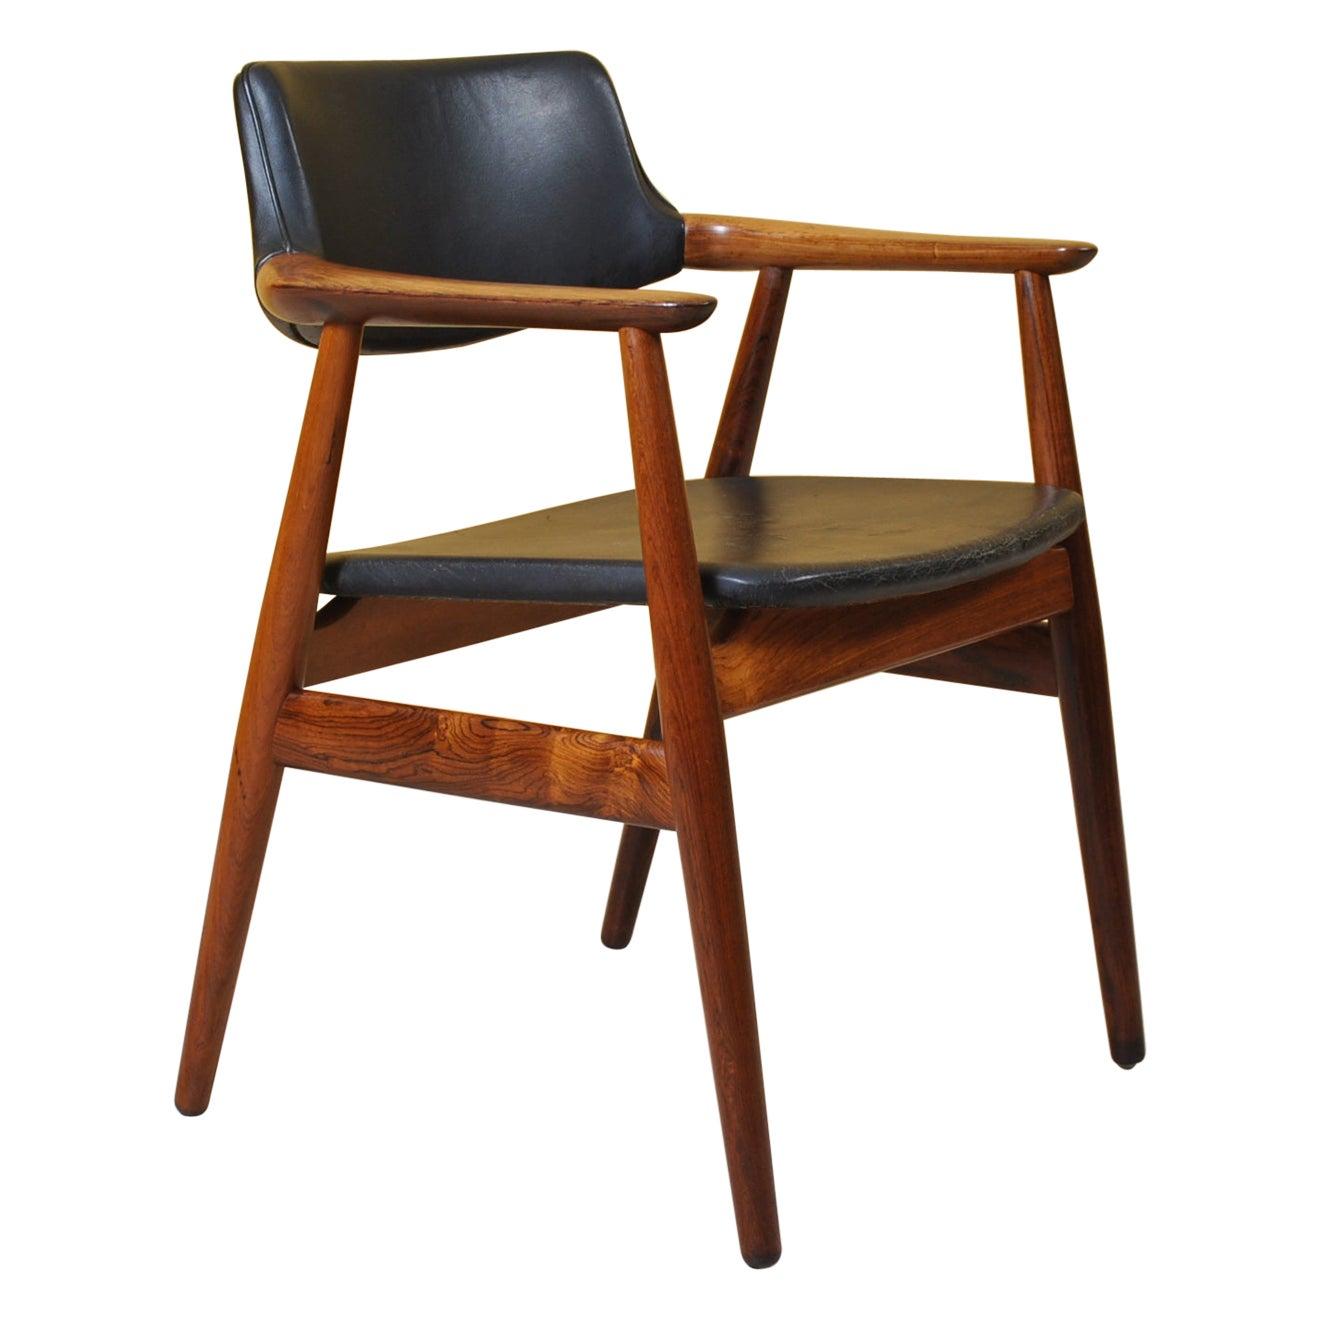 Danish Midcentury Rosewood Desk Chair, Sven Aage Eriksen